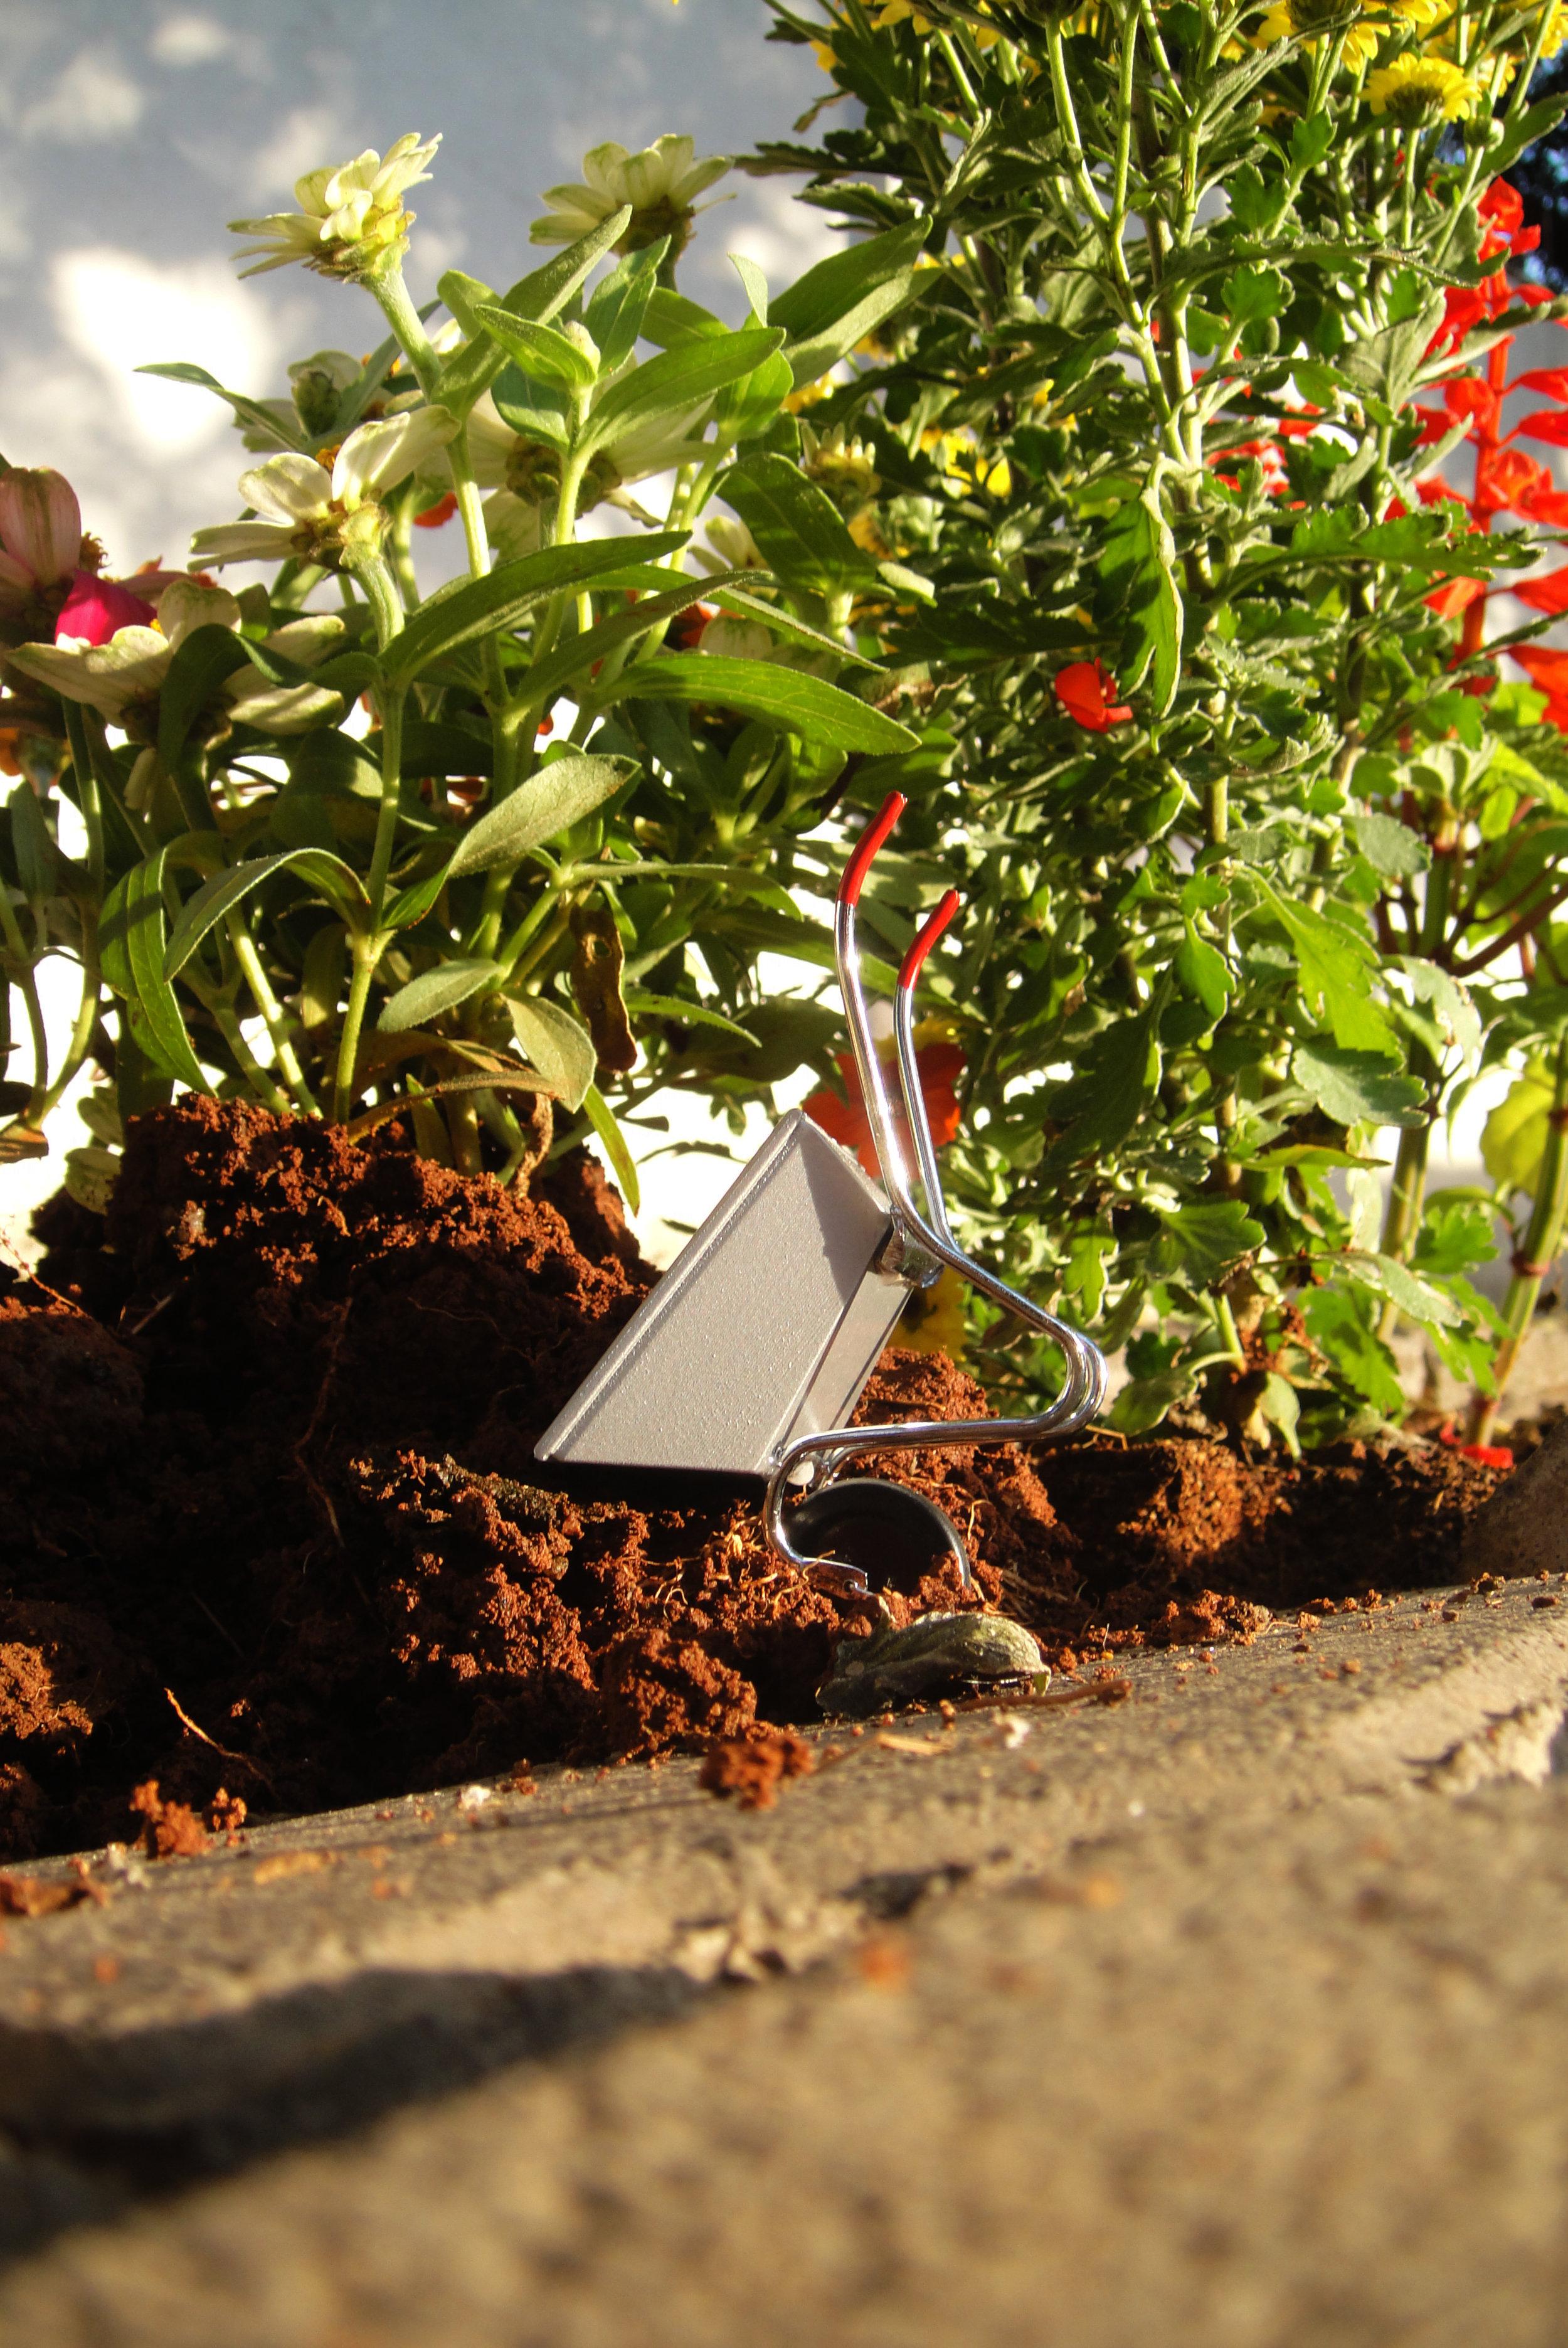 A fashionable little garden — The Pothole Gardener